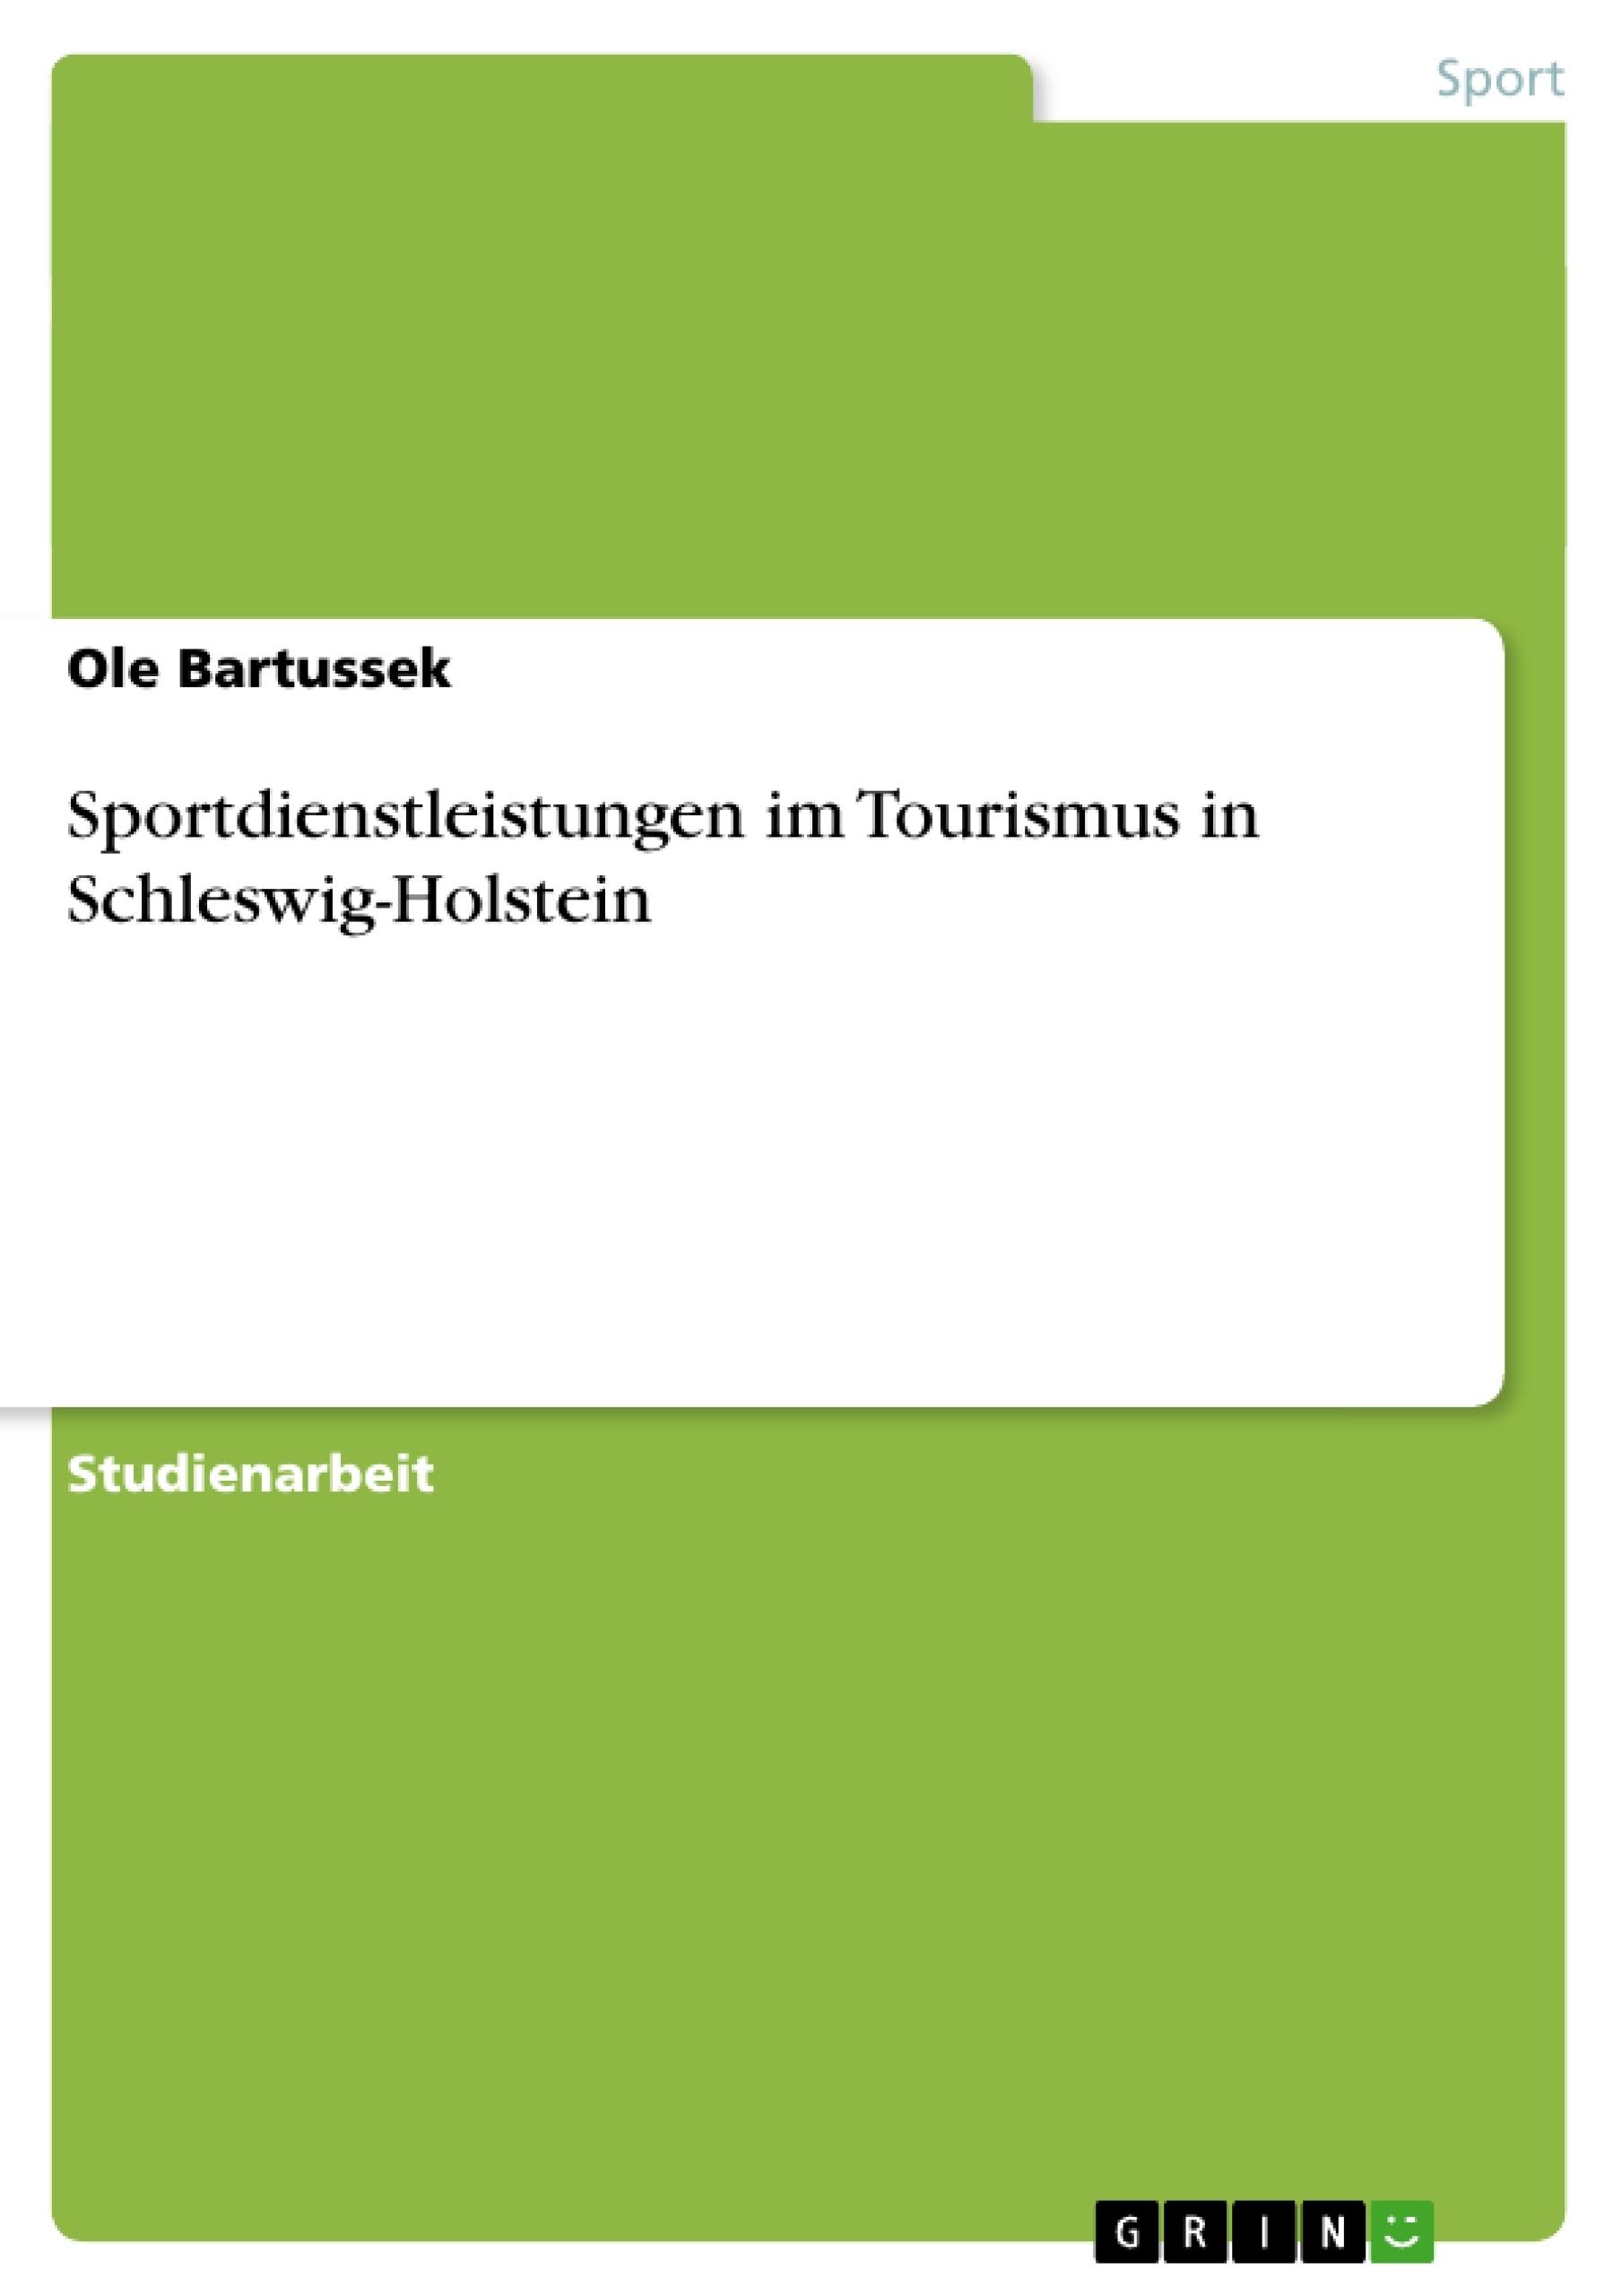 Titel: Sportdienstleistungen im Tourismus in Schleswig-Holstein